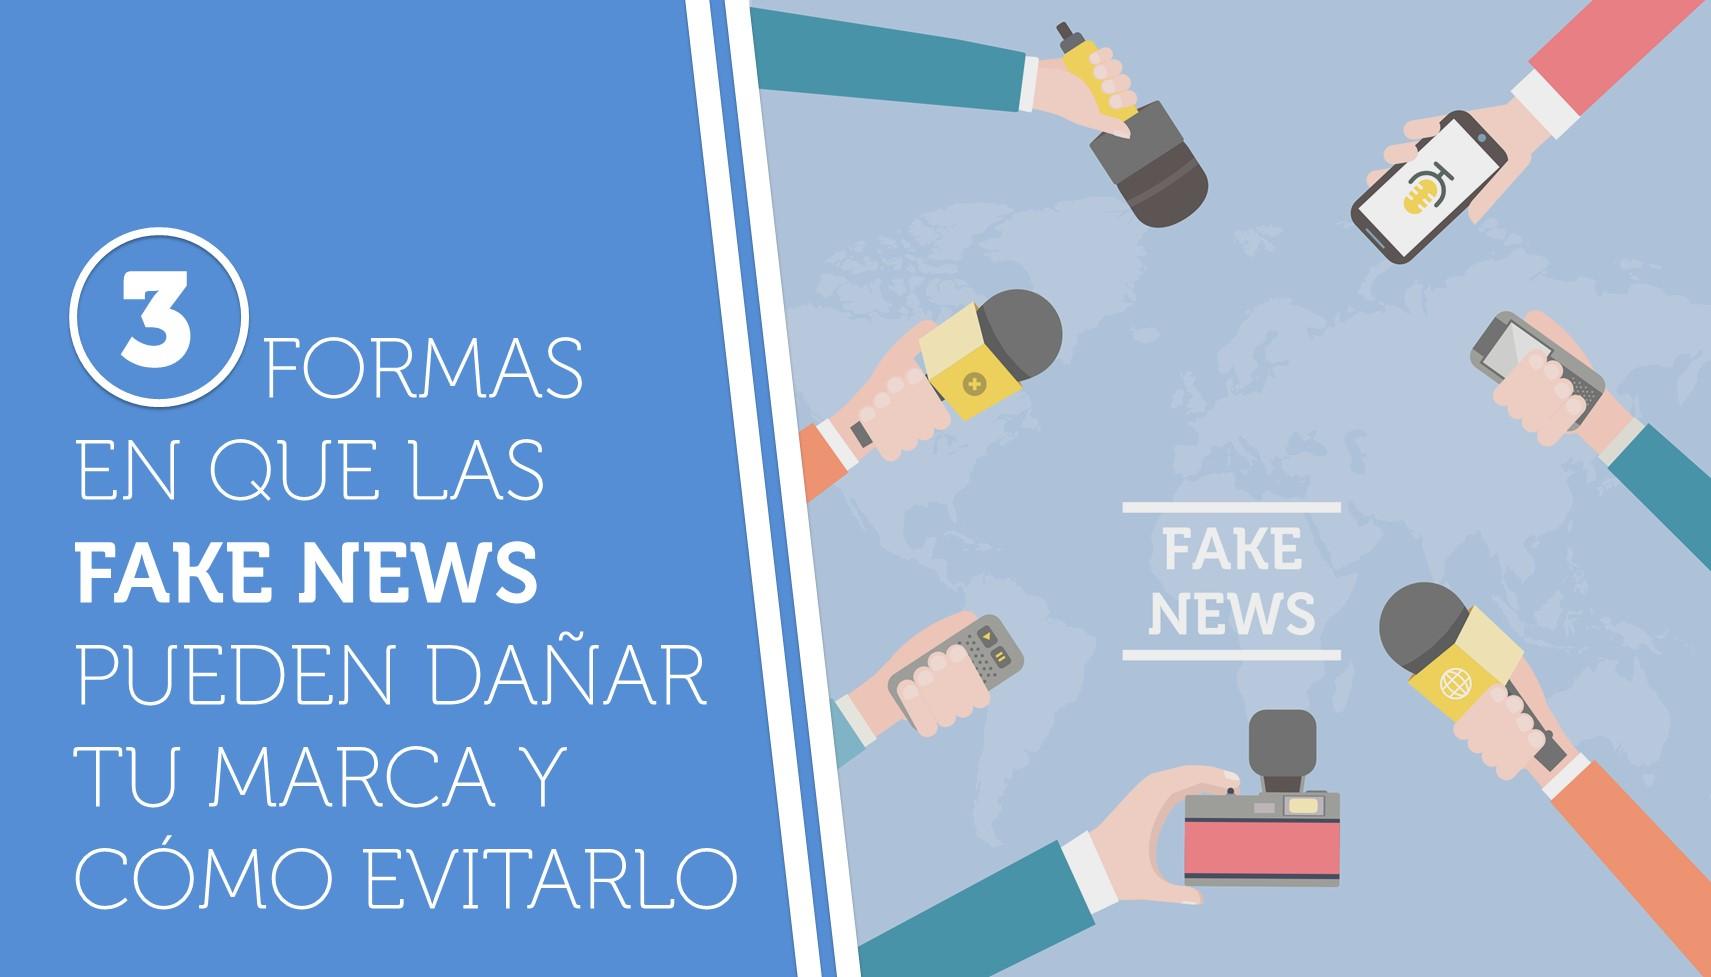 3 formas en que las fake news pueden dañar tu marca y cómo evitarlo